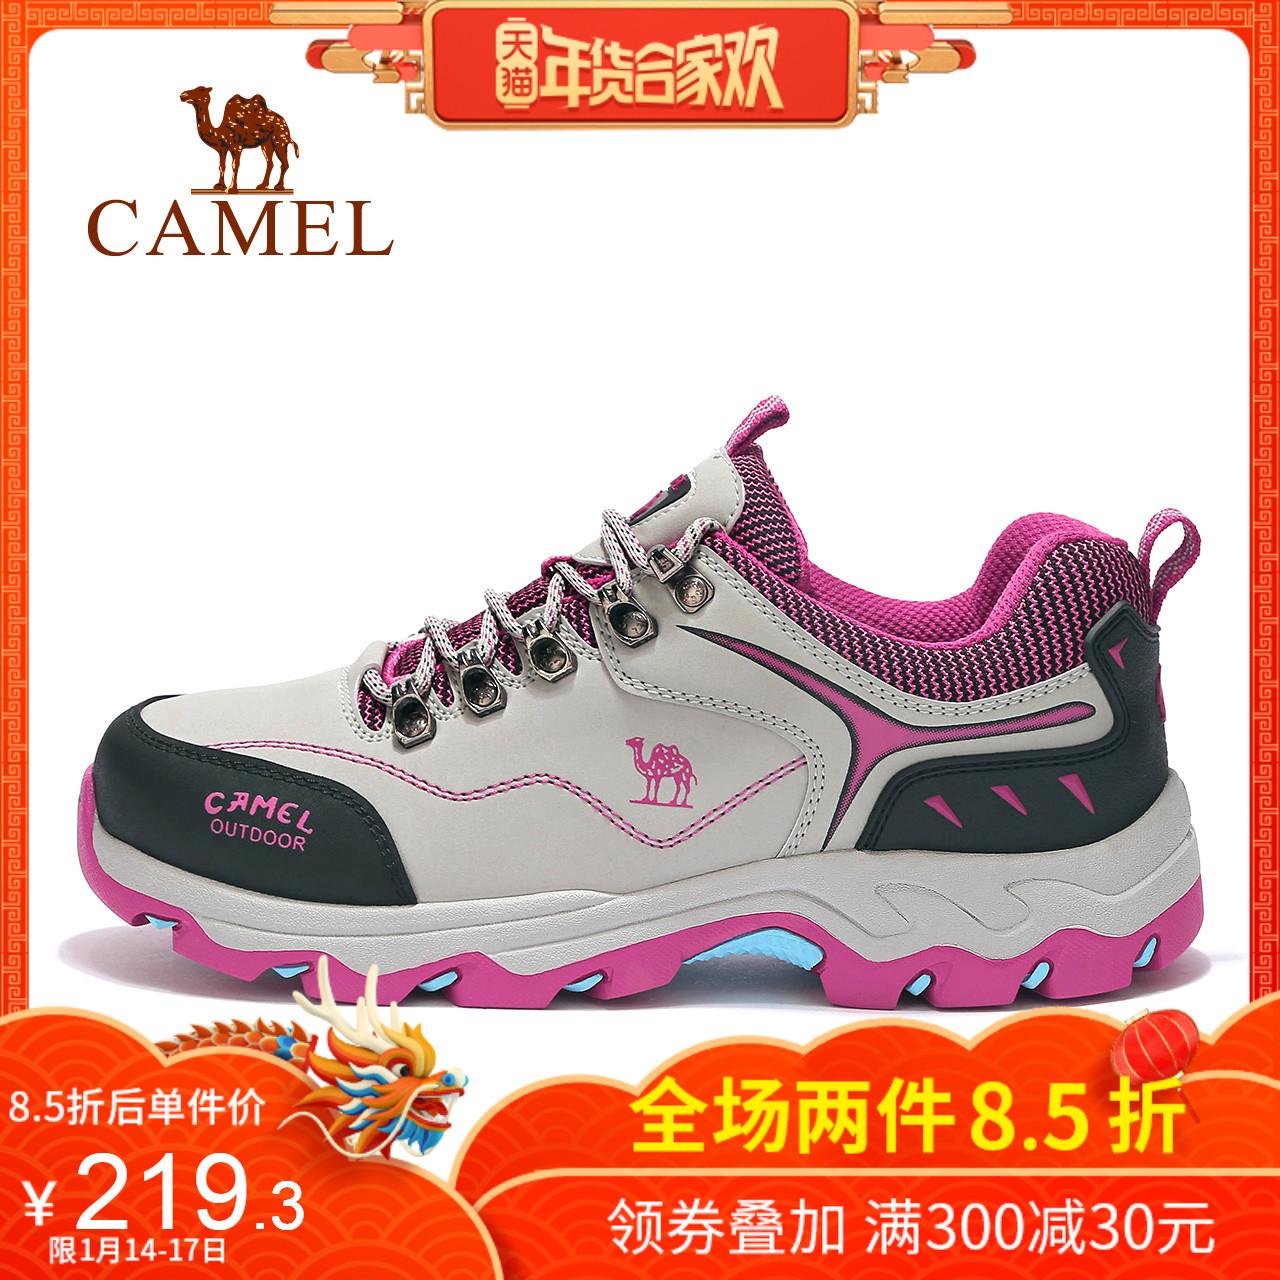 骆驼户外女款徒步鞋  舒适户外运动女鞋防滑低帮系带女款徒步鞋女